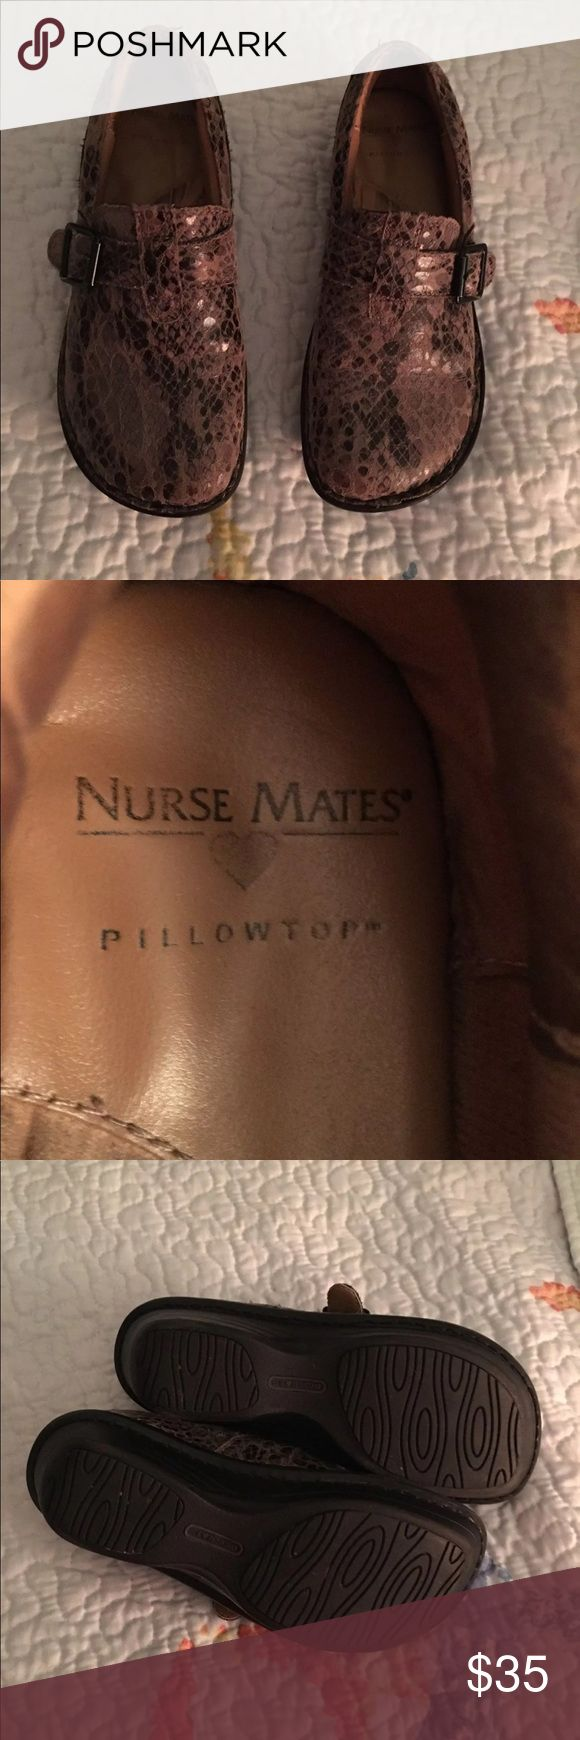 Nurse Mate Shoes Nurse mate pillow top shoes Size 6m Great used condition Nurse Mates Shoes Mules & Clogs